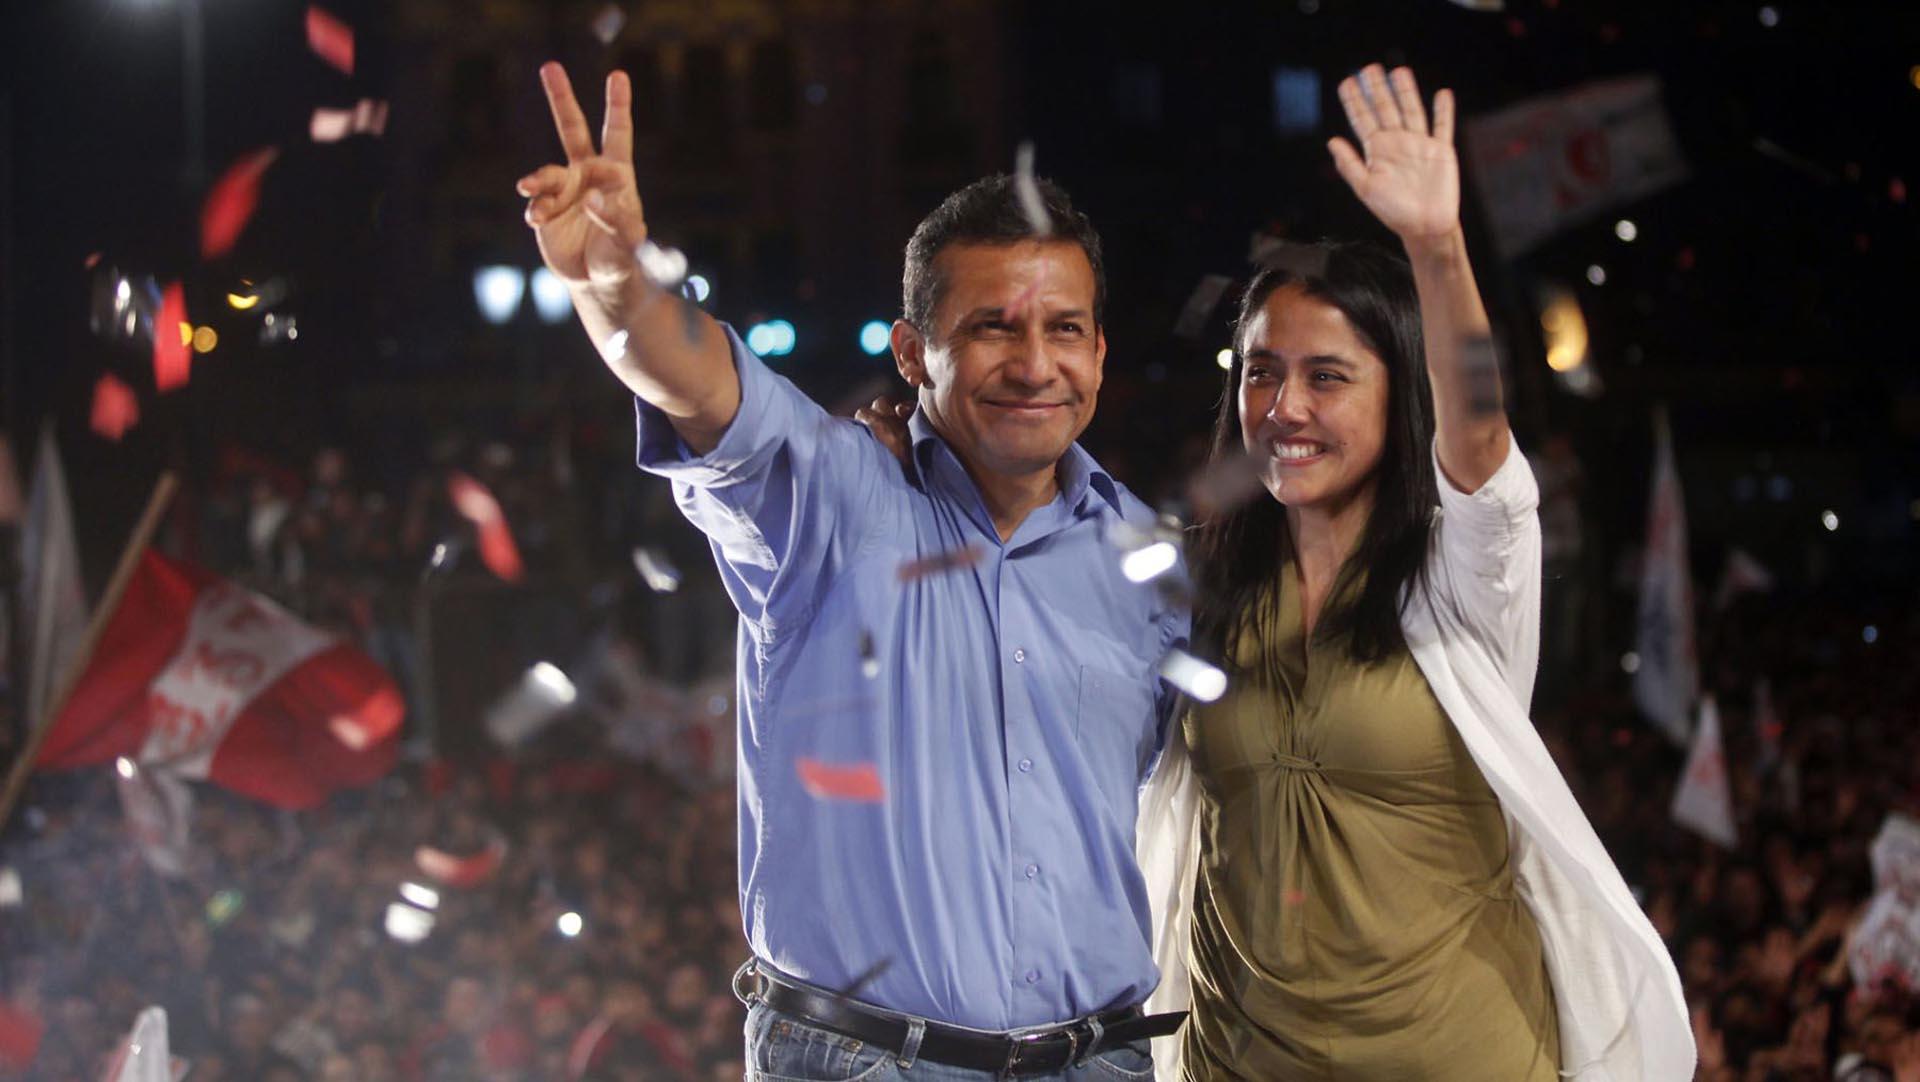 Humala y su esposa niegan los cargos y aseguran sufrir una persecución política